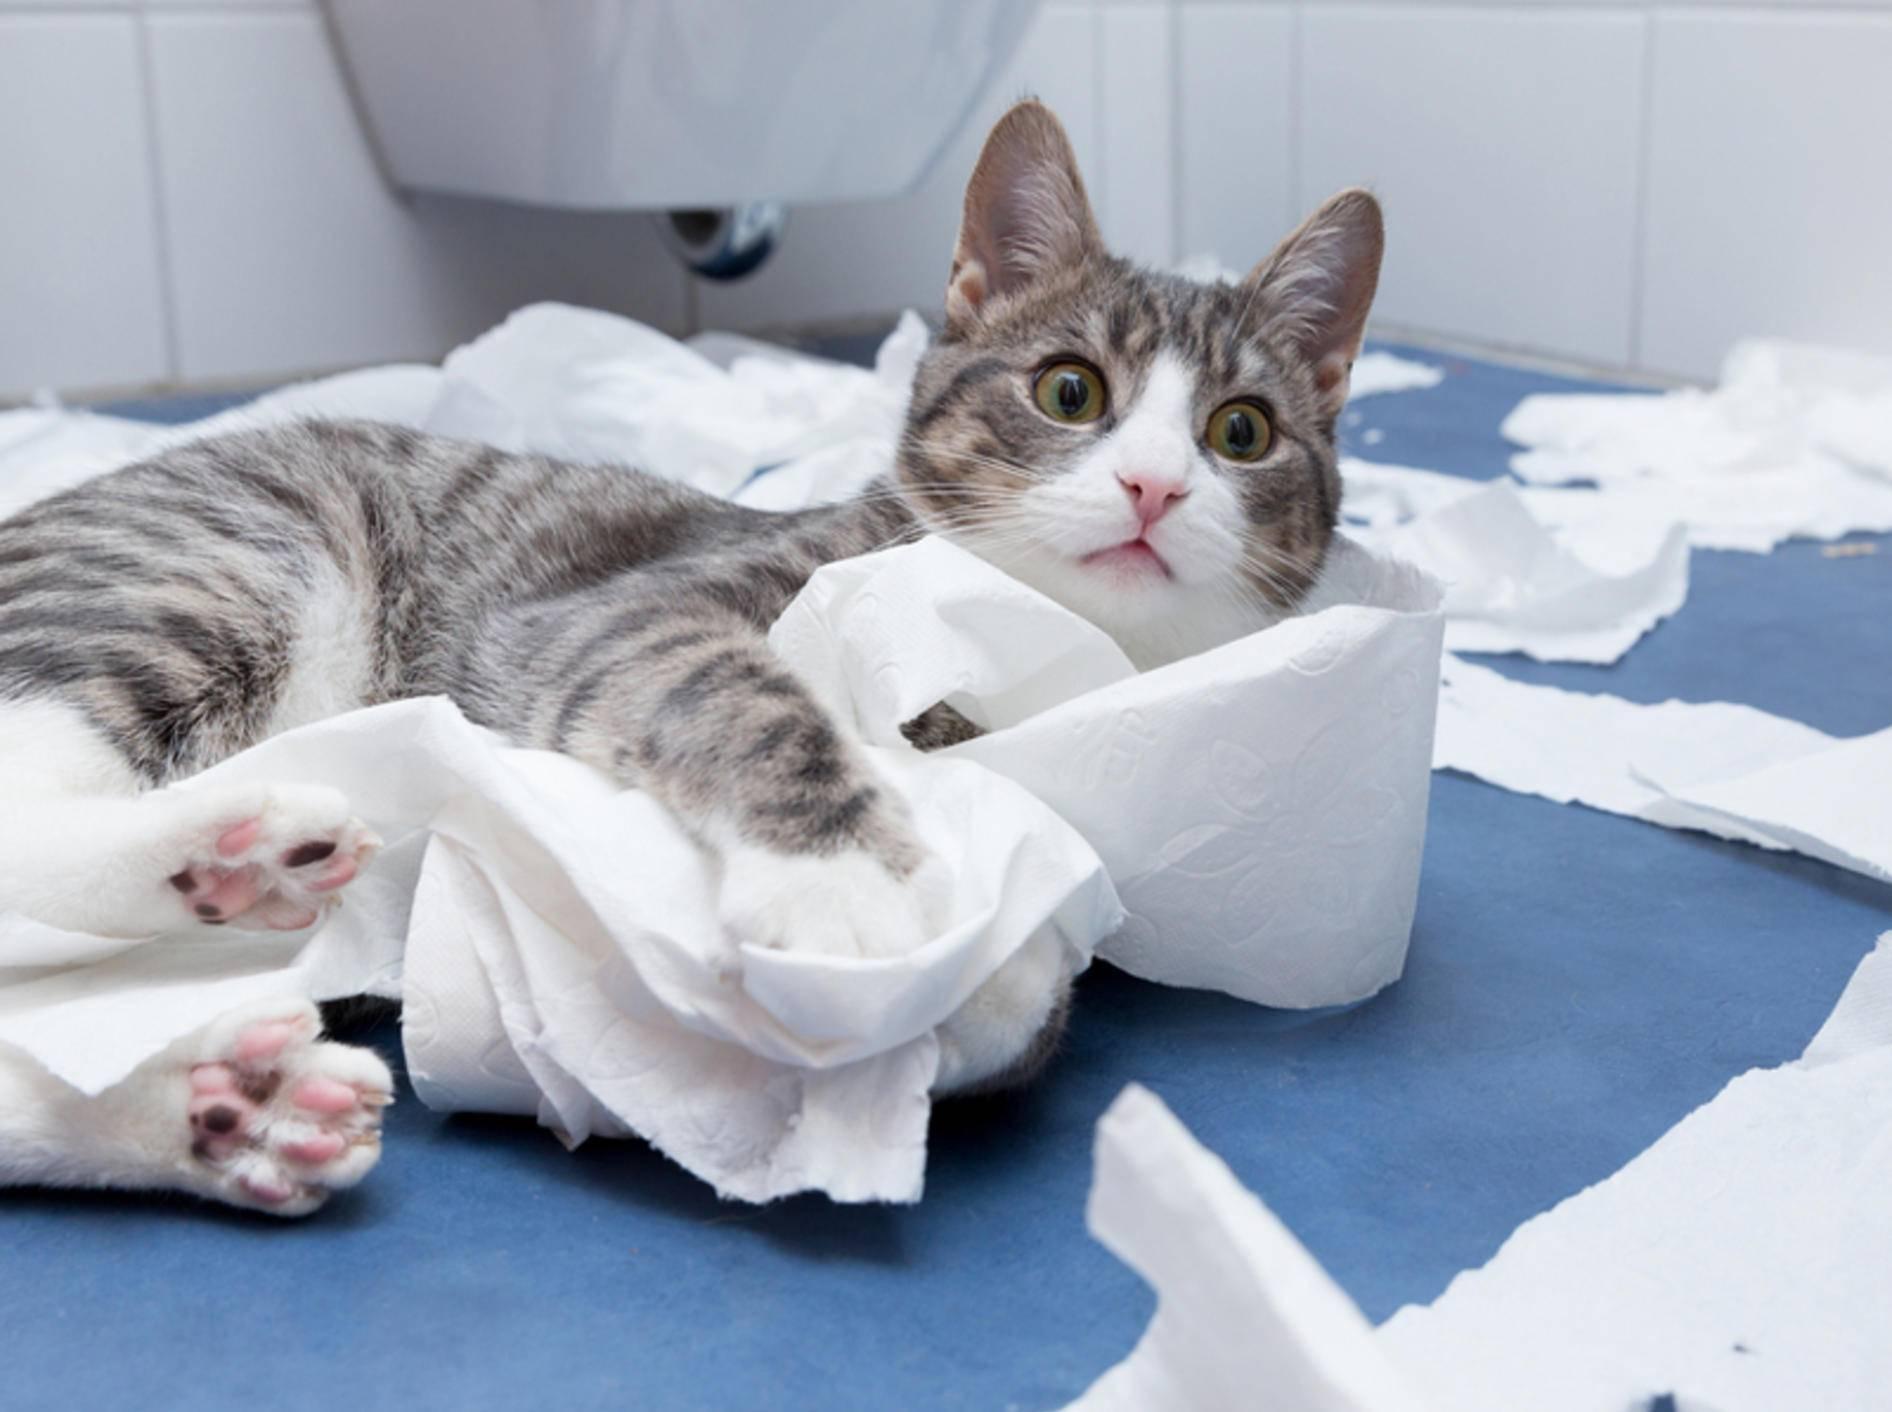 Mit Toilettenpapier zu spielen, bringt auch einfach so viel Spaß! - Bild: Shutterstock/bmf-foto.de